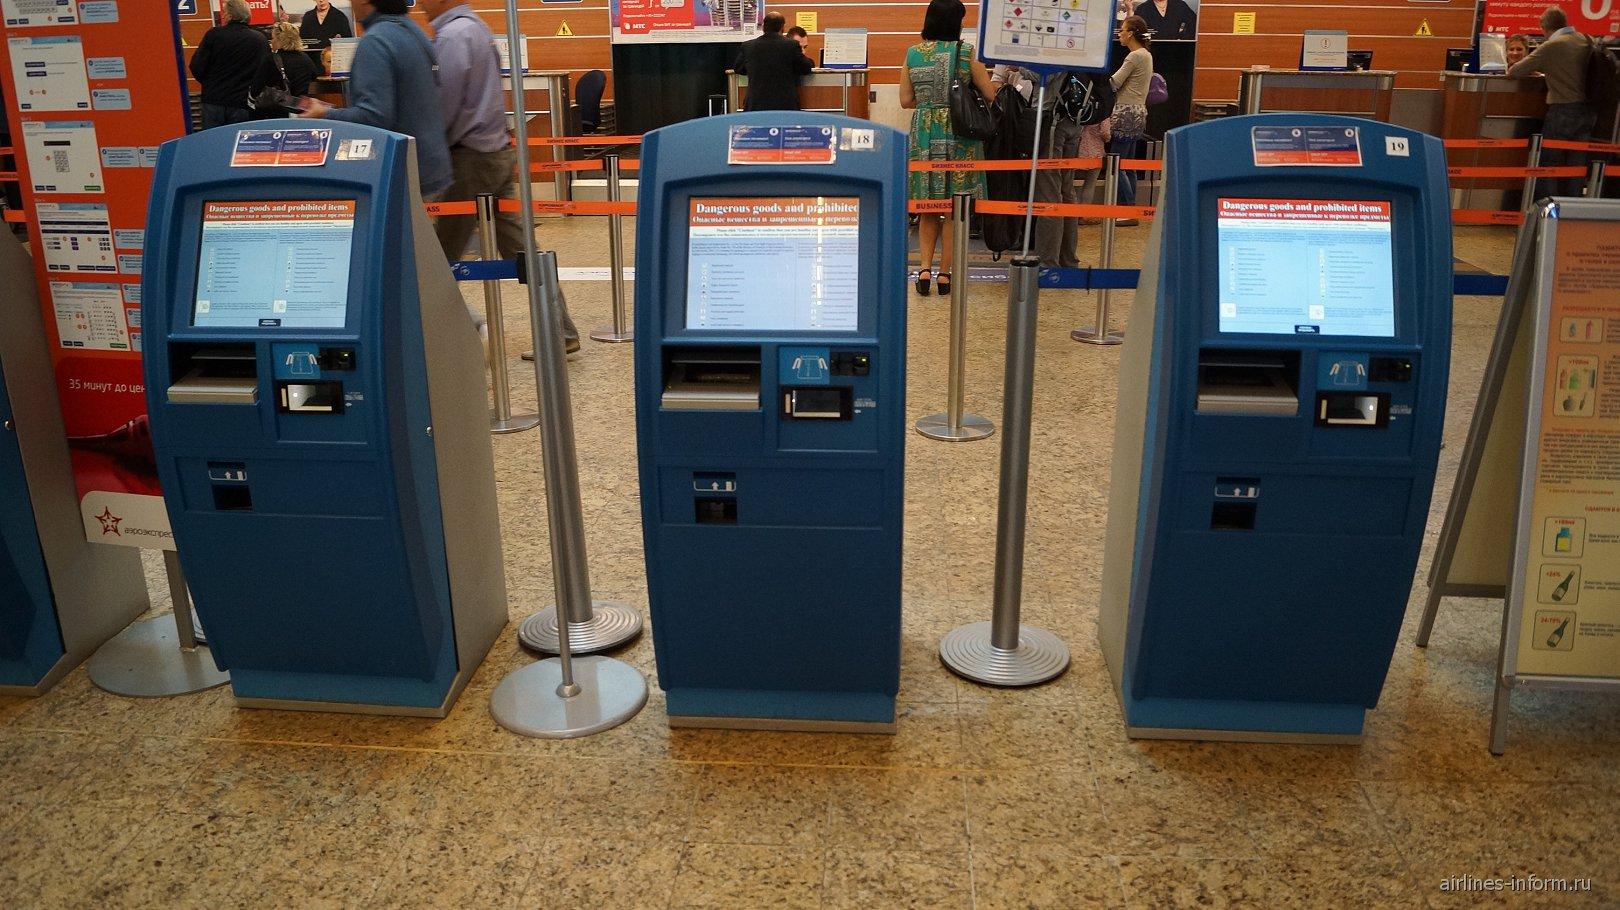 Стойки самостоятельной регистрации Аэрофлота в терминале D аэропорта Шереметьево